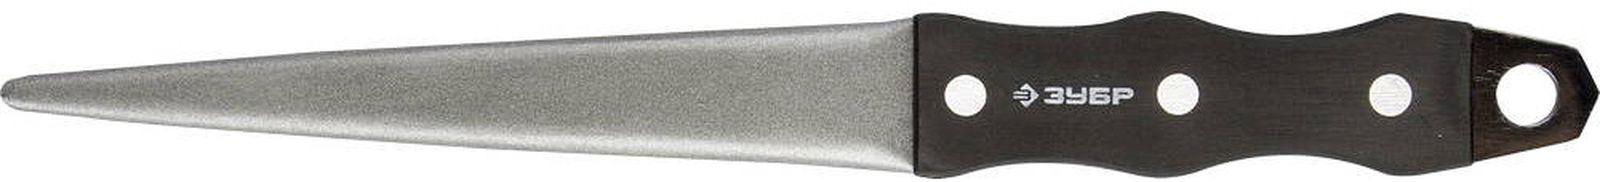 Напильник Зубр Master P 400 алмазный, для заточки режущих инструментов, 33396-150-400, 150 мм